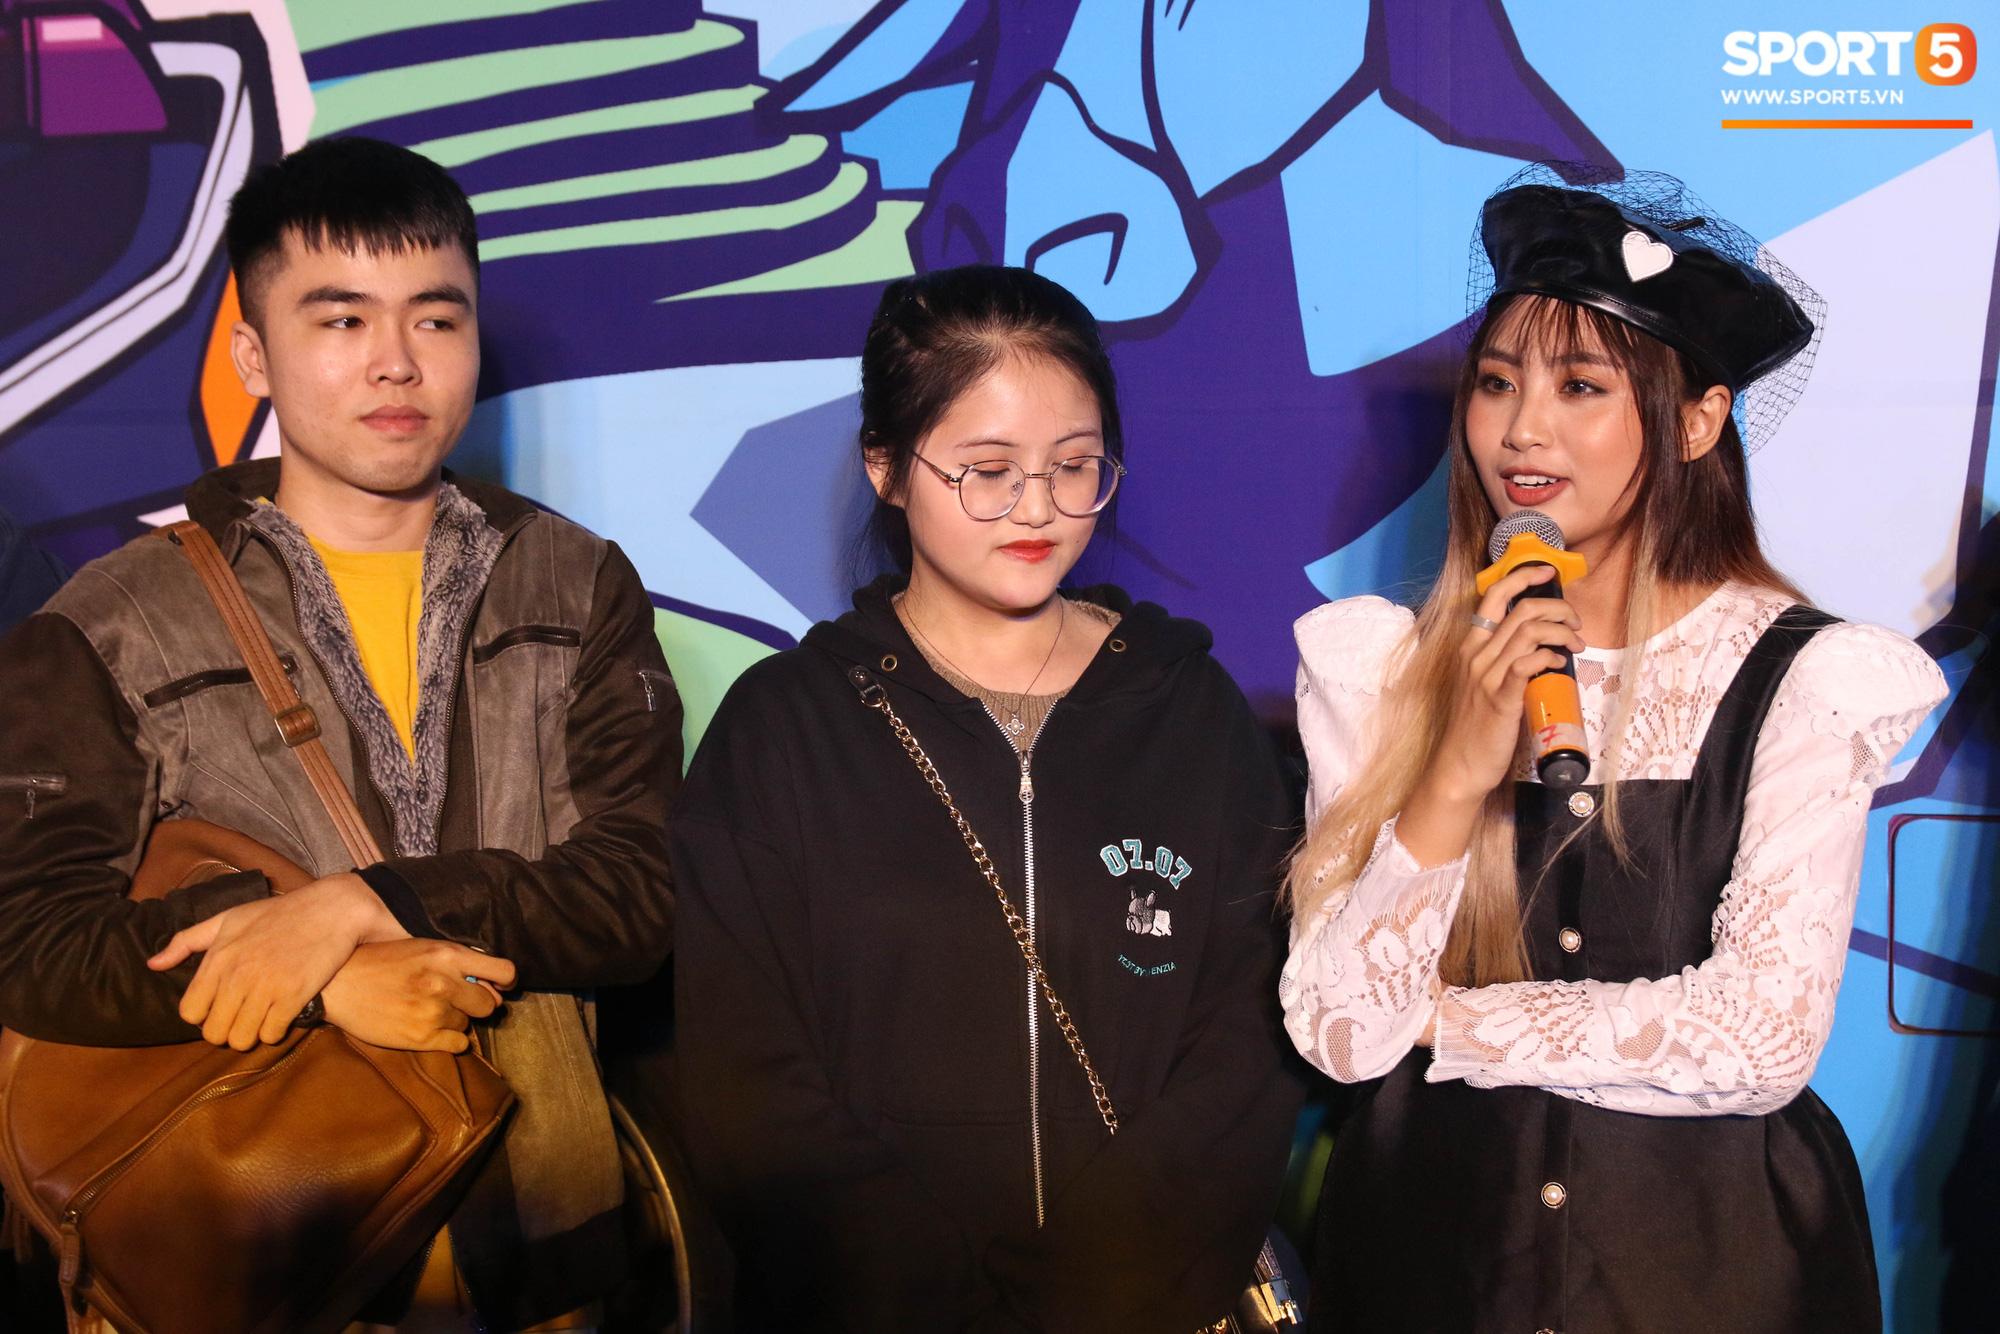 """Tham gia showmatch Tốc Chiến, cặp đôi Bomman - Minh Nghi ăn no hành vì """"imposter"""" Minas cùng bạn gái - Ảnh 5."""